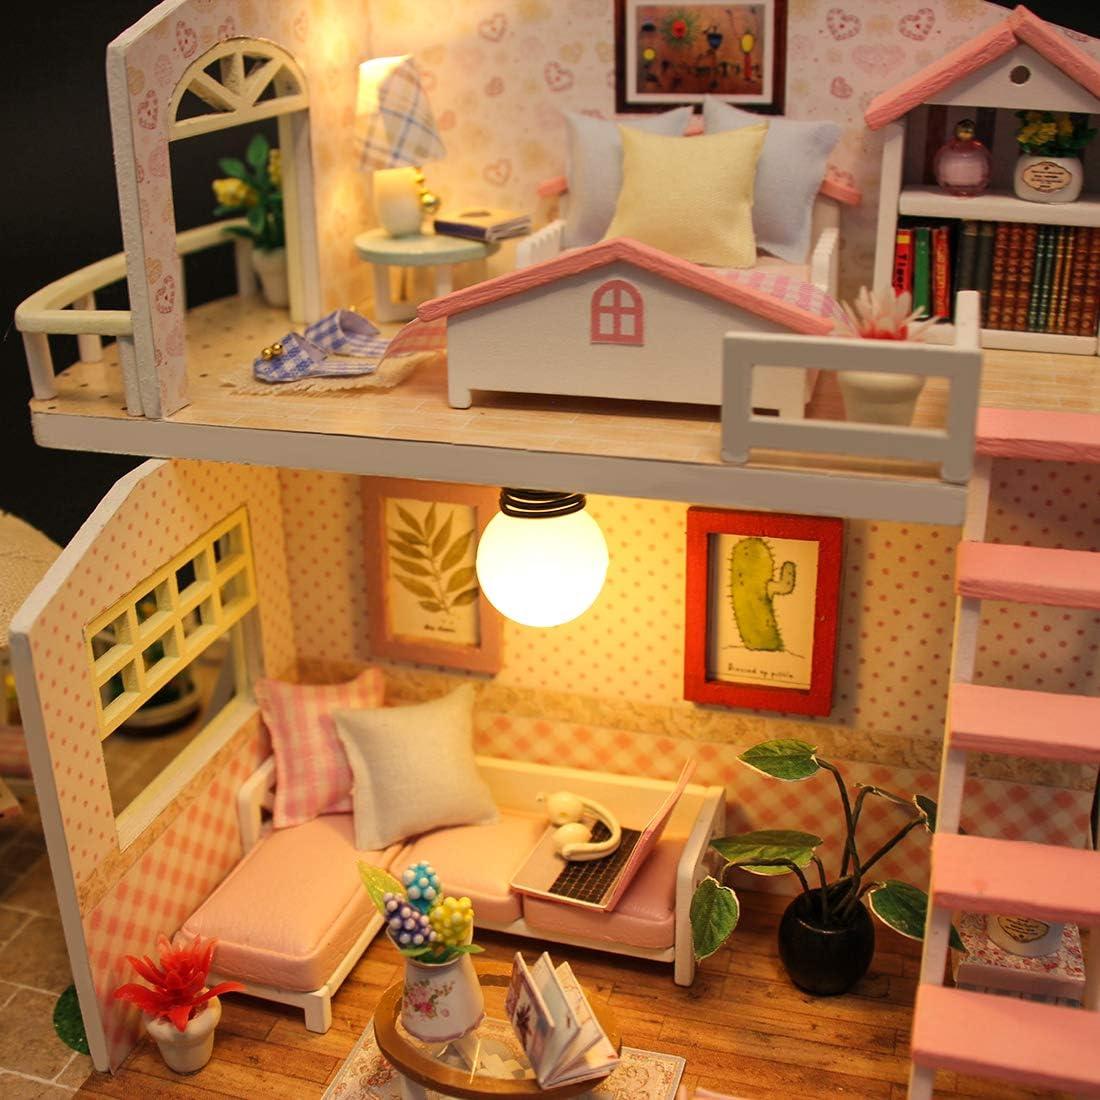 Mini-apartamento Madera con Muebles y Accesorios Casa Peque/ña Juguete con M/úsica y Luces Regalo para Adulto Ni/ños K9CK Casita de Mu/ñecas